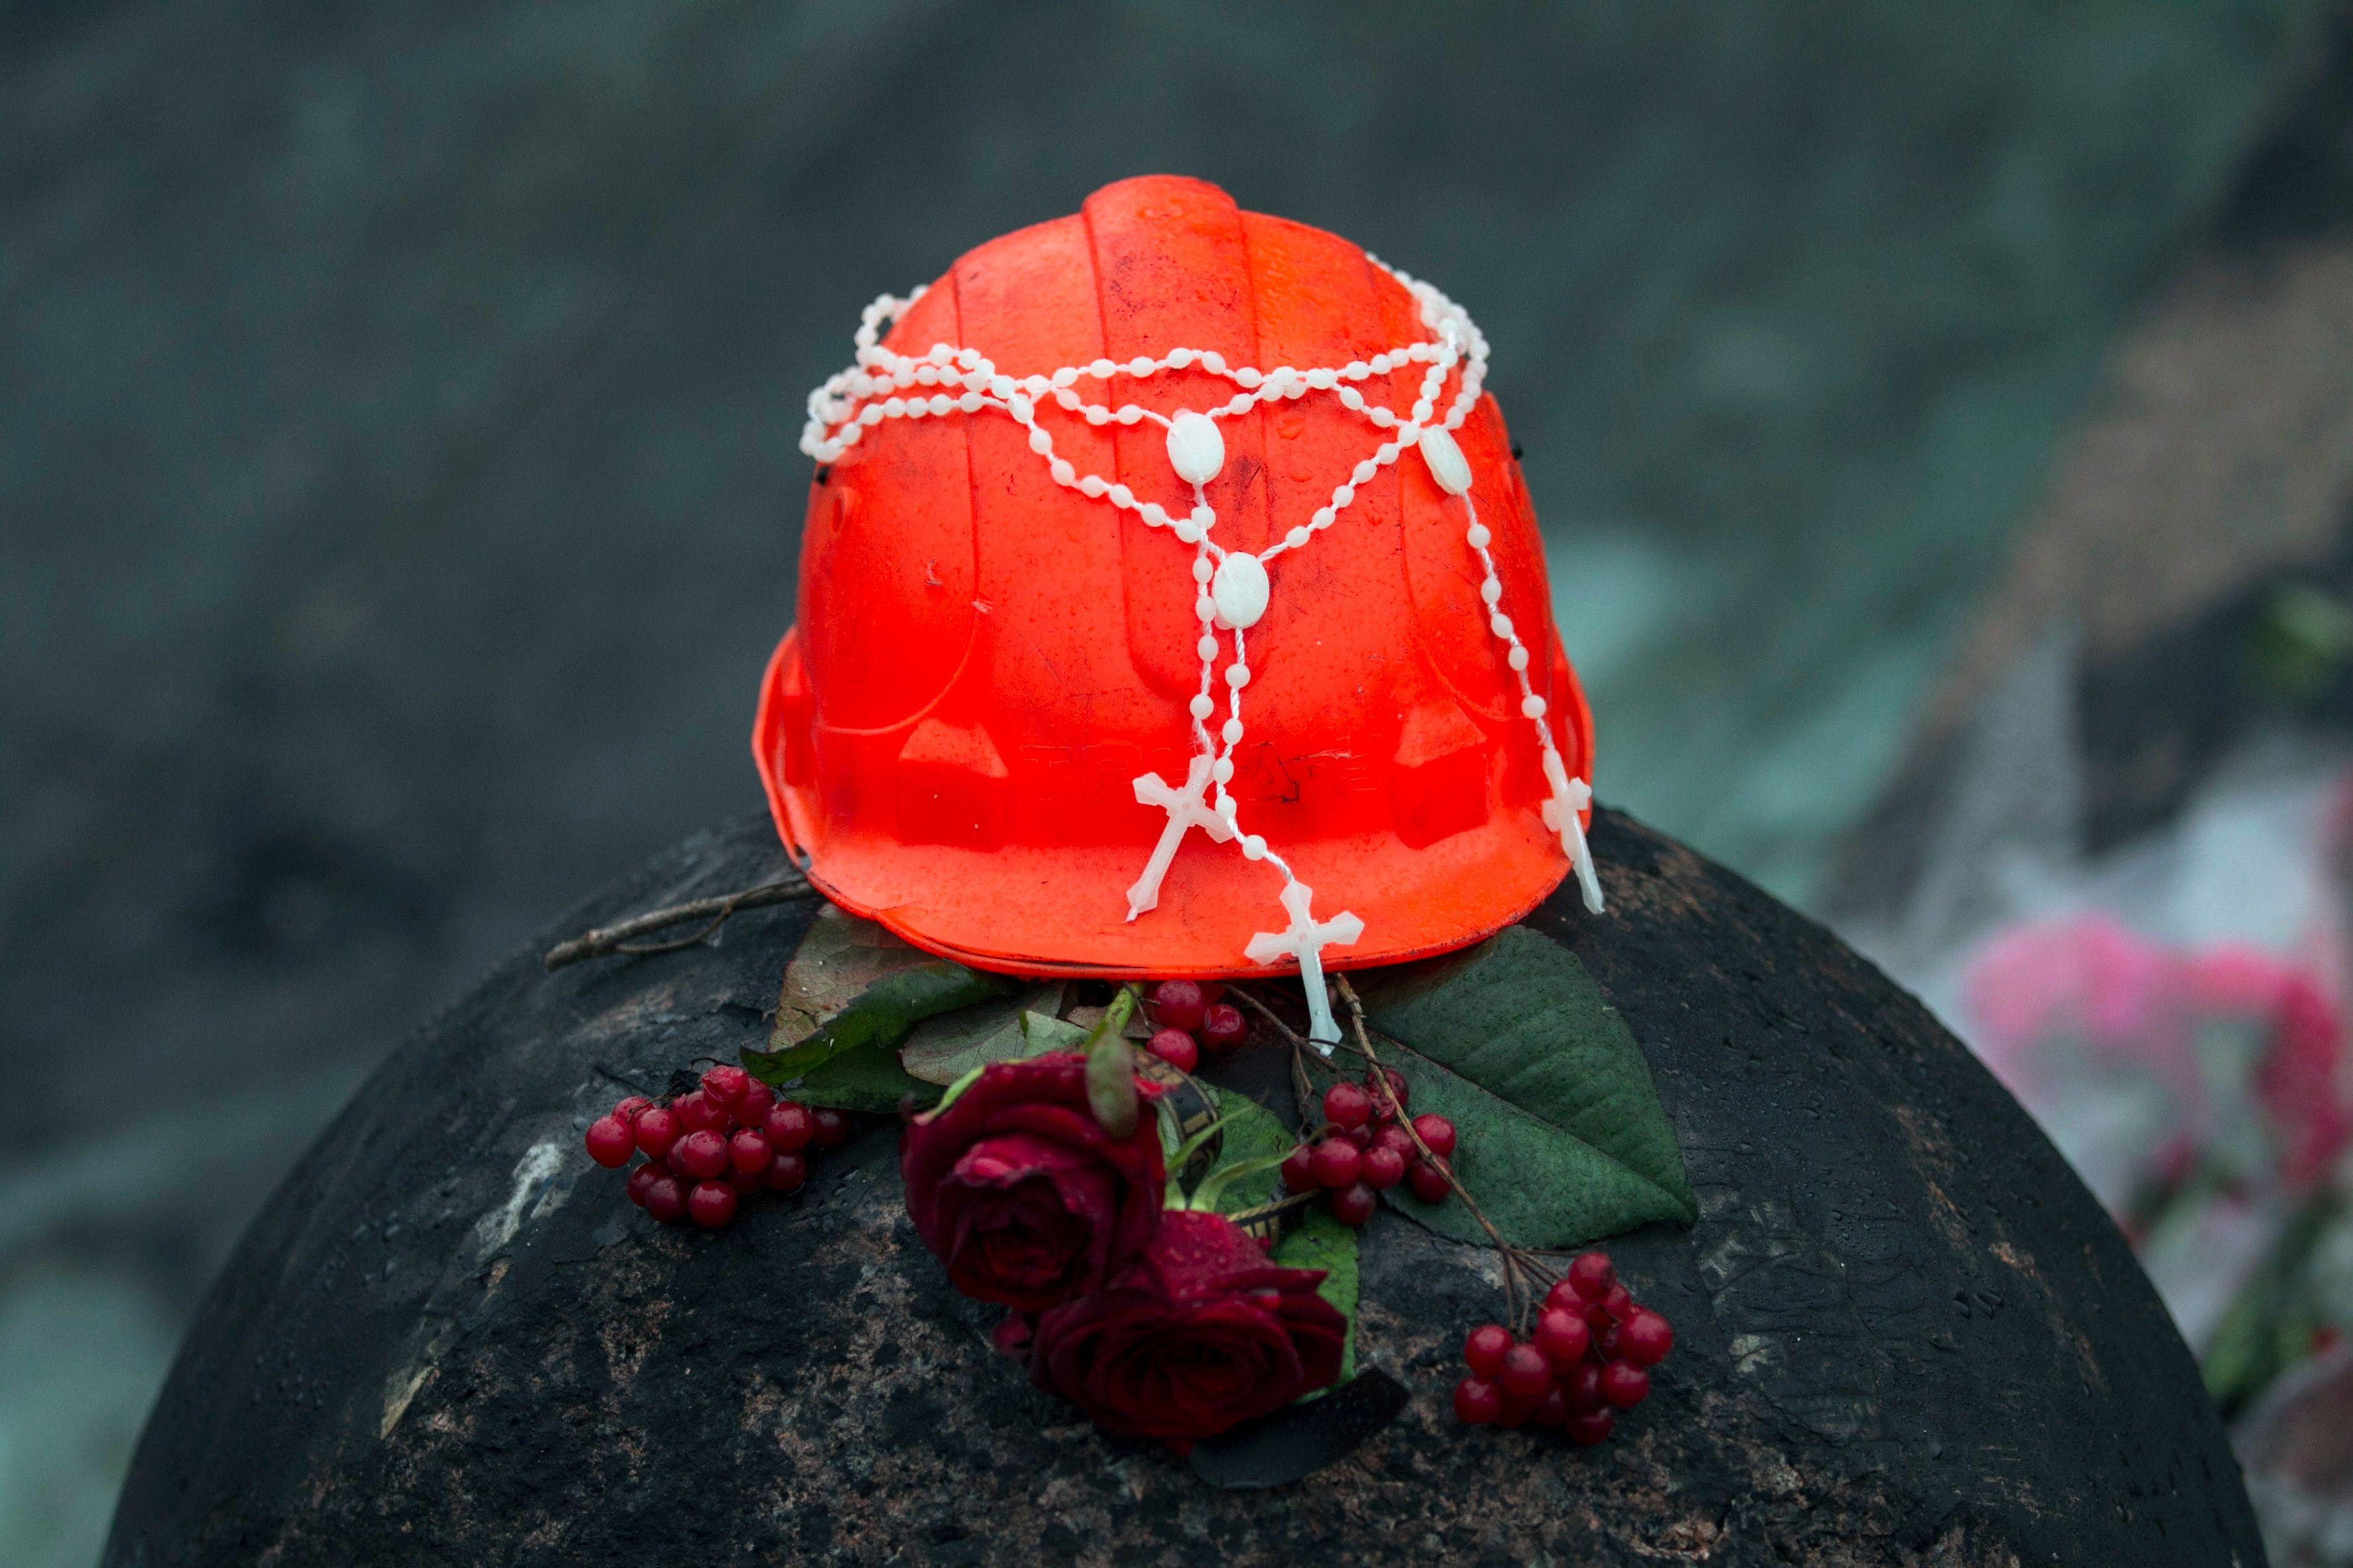 Mémorial improvisé pour les victimes des récentes violences en Ukraine.